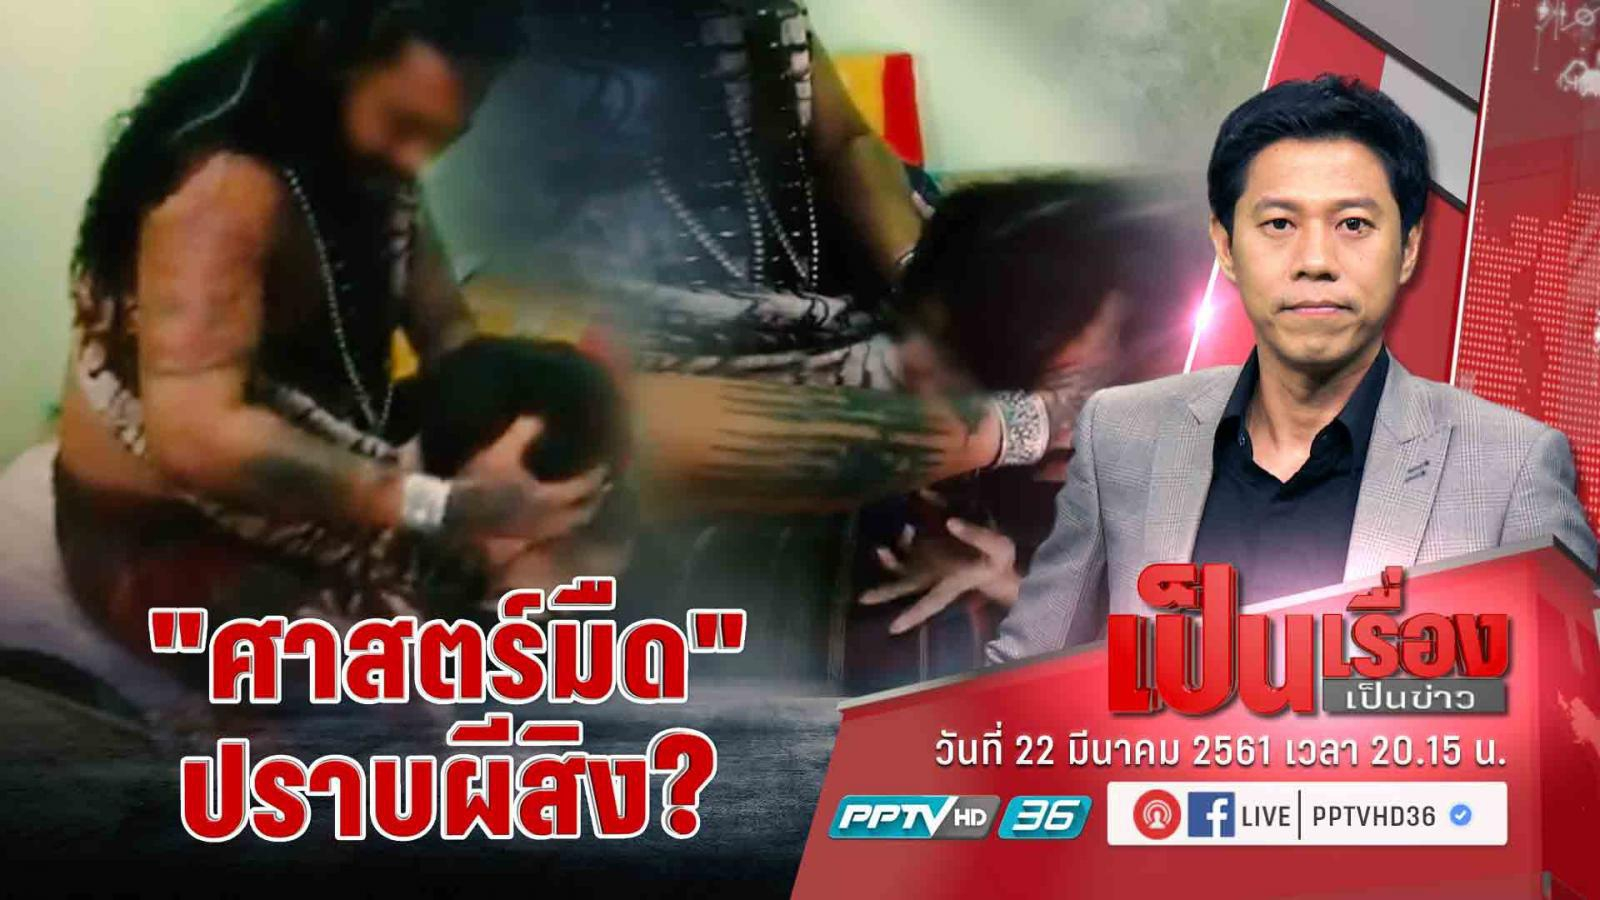 """โกอินเตอร์! """"มหามุนีโต"""" โว """"ฤาษีไทย""""ปราบผีได้ทั่วโลก เพราะเวทมนตร์คาถาไร้พรมแดน"""